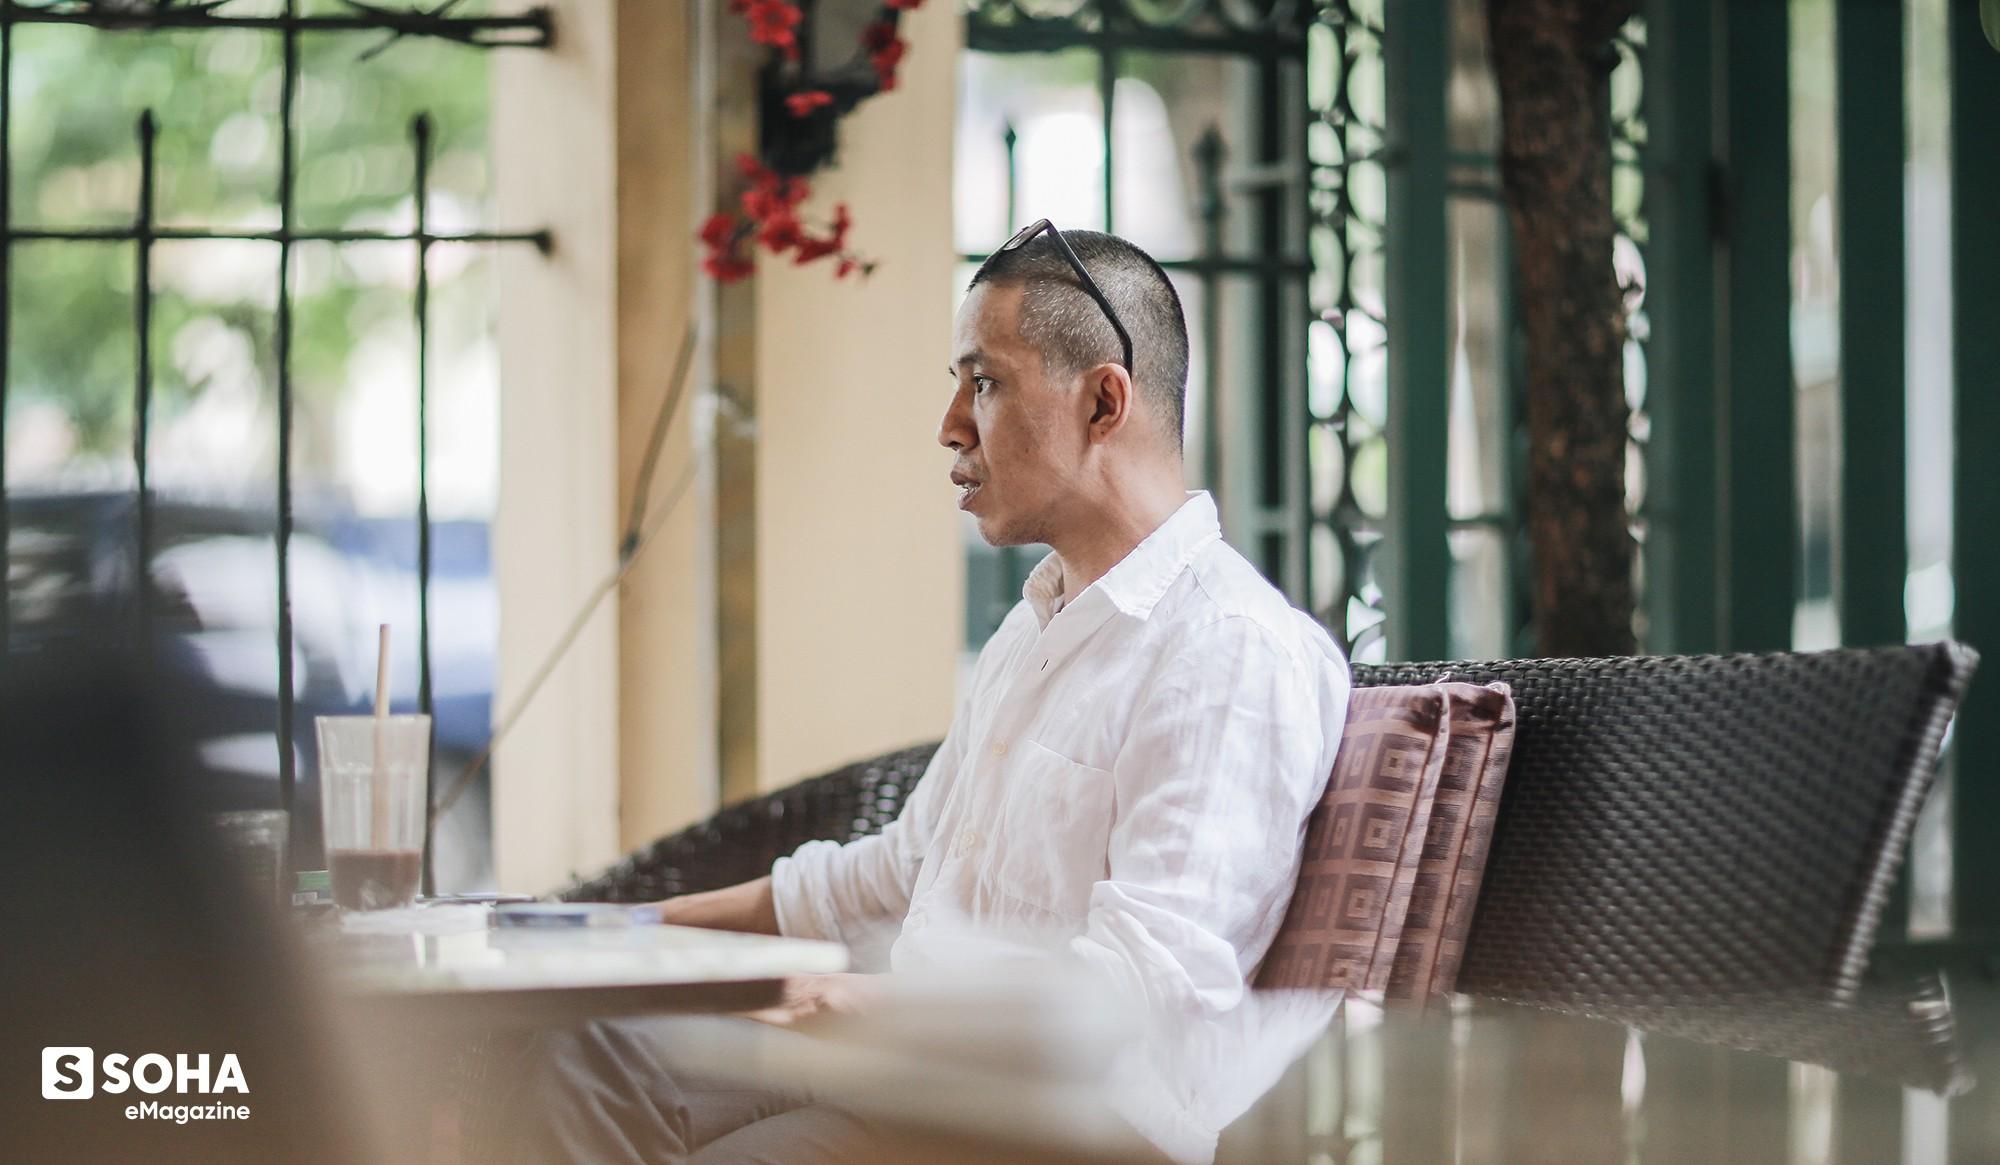 Con trai GS Hồ Ngọc Đại: 'Tôi đã cười không khép được mồm khi ba tôi bị vu là tình báo Trung Quốc' 21